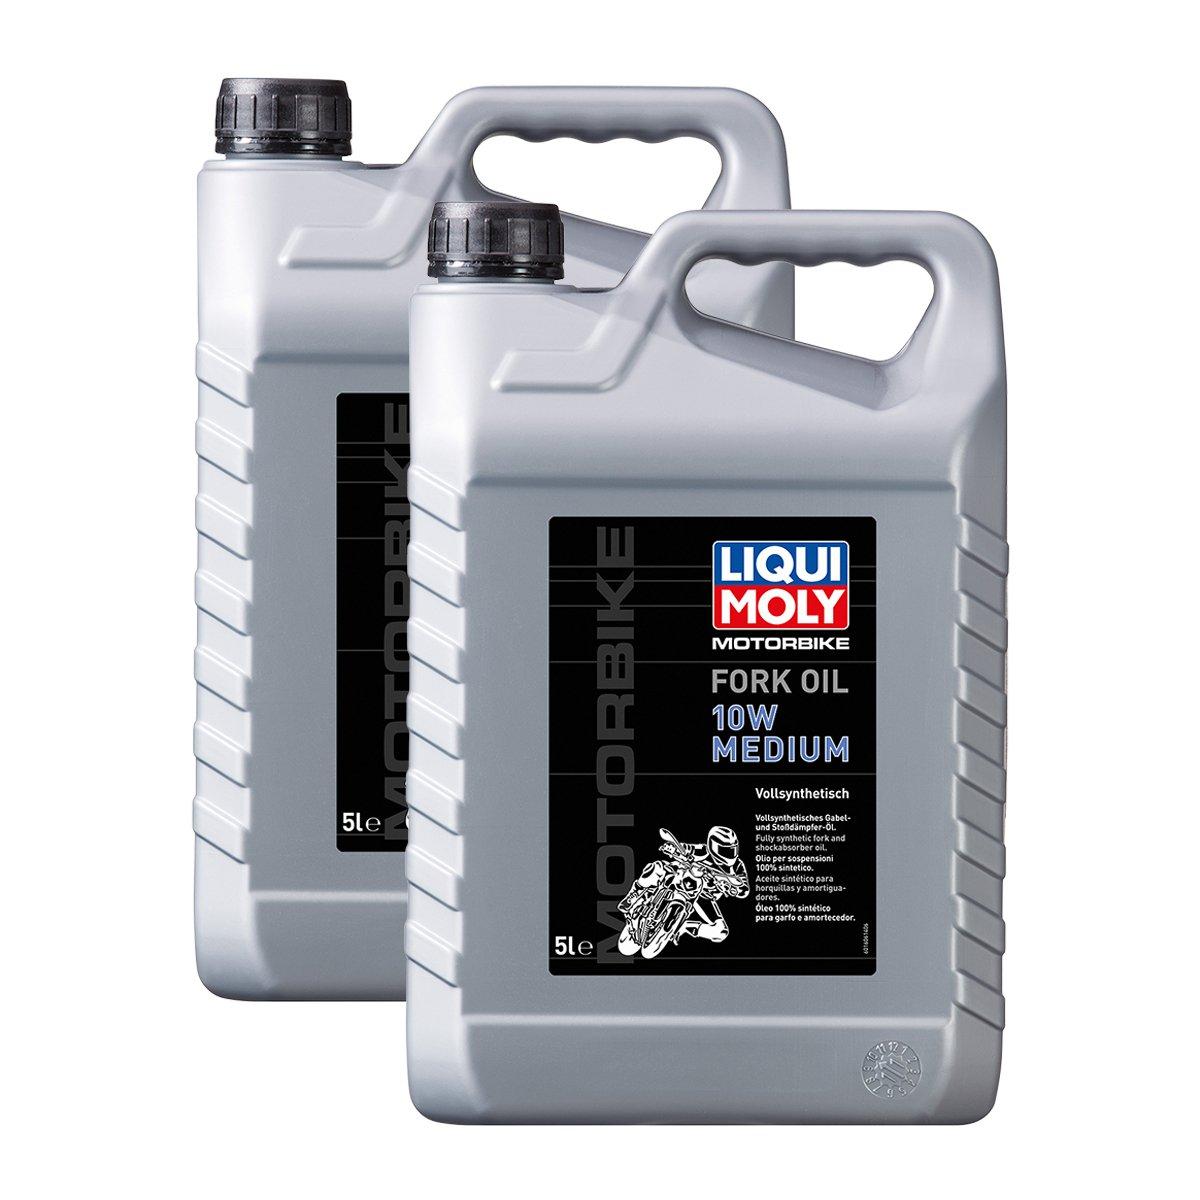 2x LIQUI MOLY 1606 Motorbike Fork Oil 10W medium Motorrad Gabelöl 5L